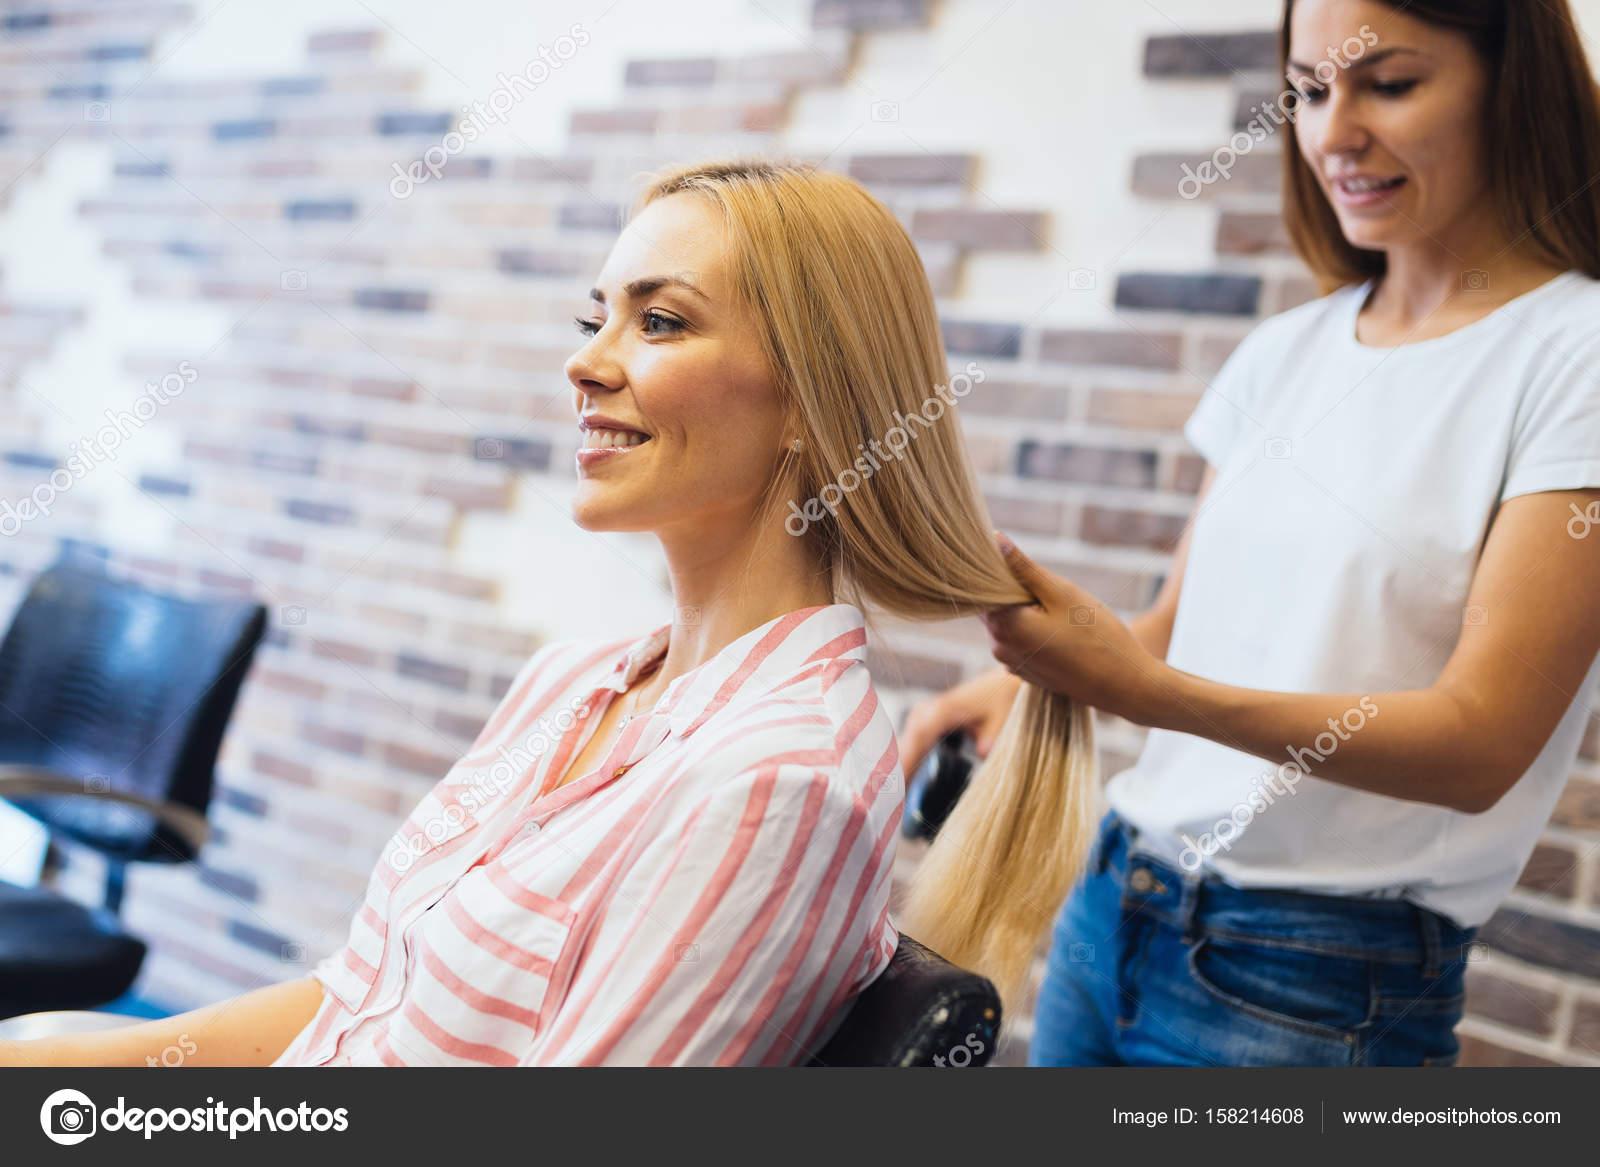 Getting A Haircut 75